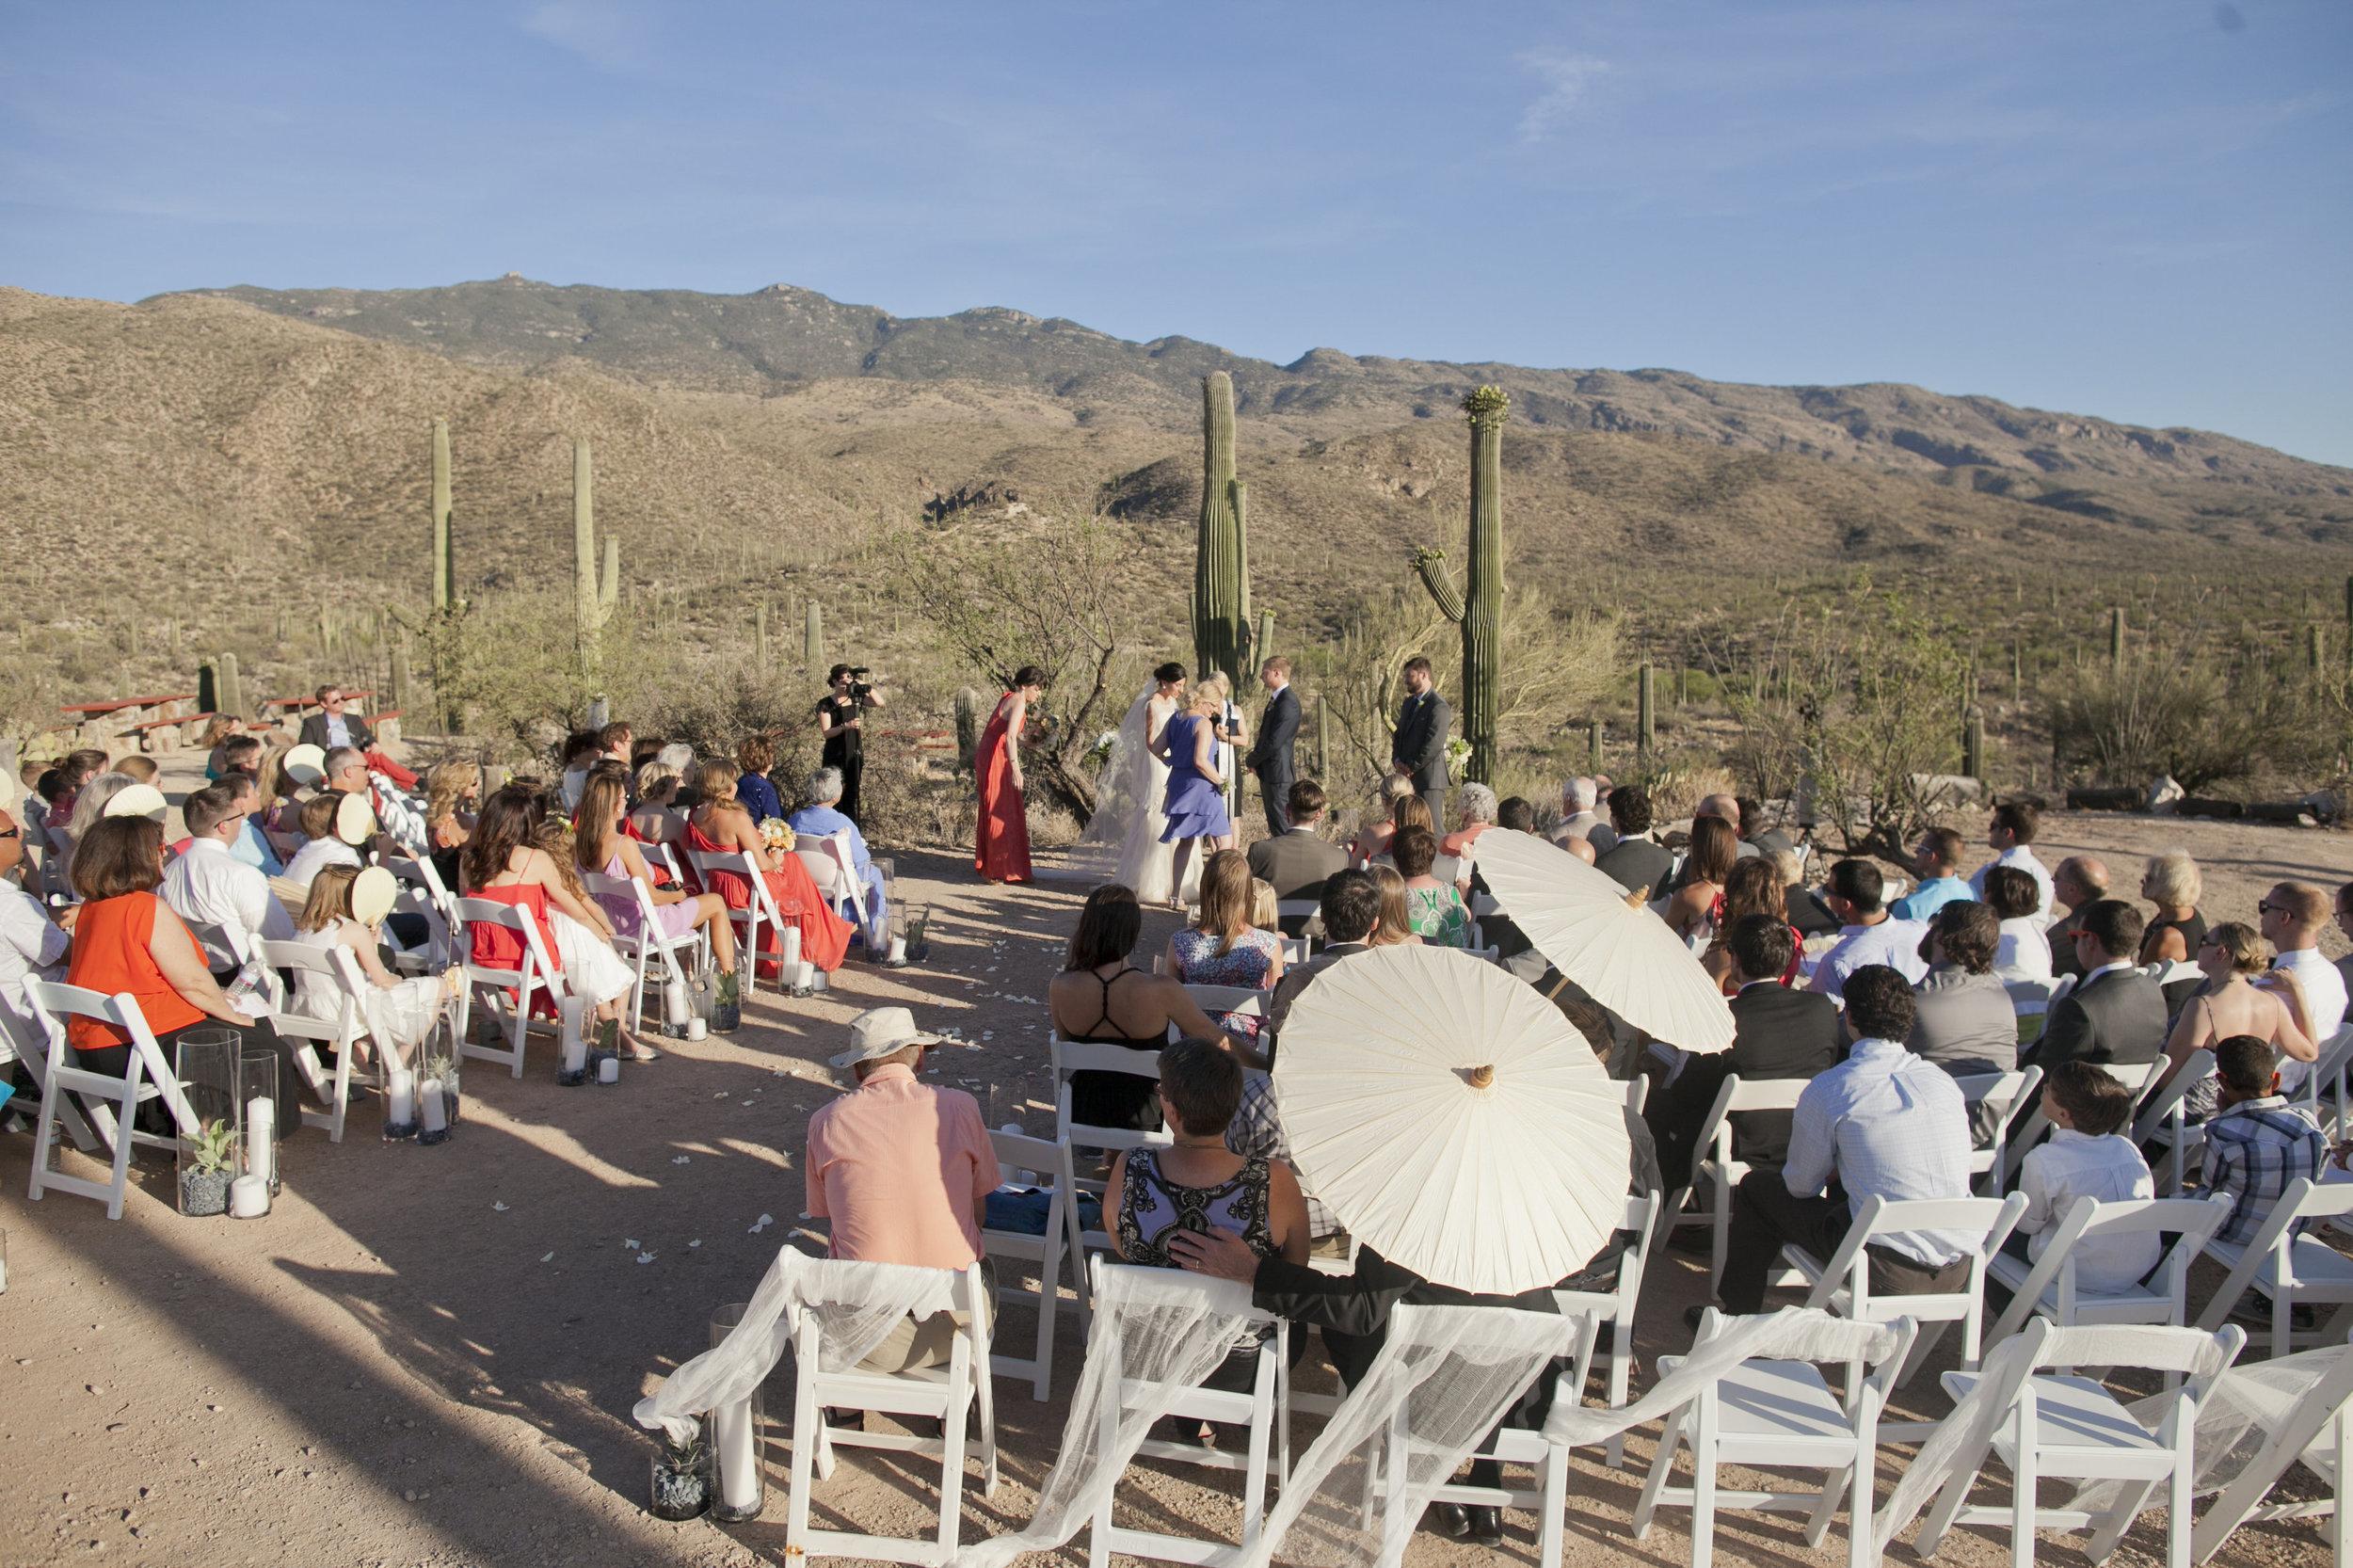 Ceci_New_York_Ceci_Style_Ceci_Johnson_Luxury_Lifestyle_Arizona_Wedding_Watercolor_Inspiration_Design_Custom_Couture_Personalized_Invitations_114.jpg